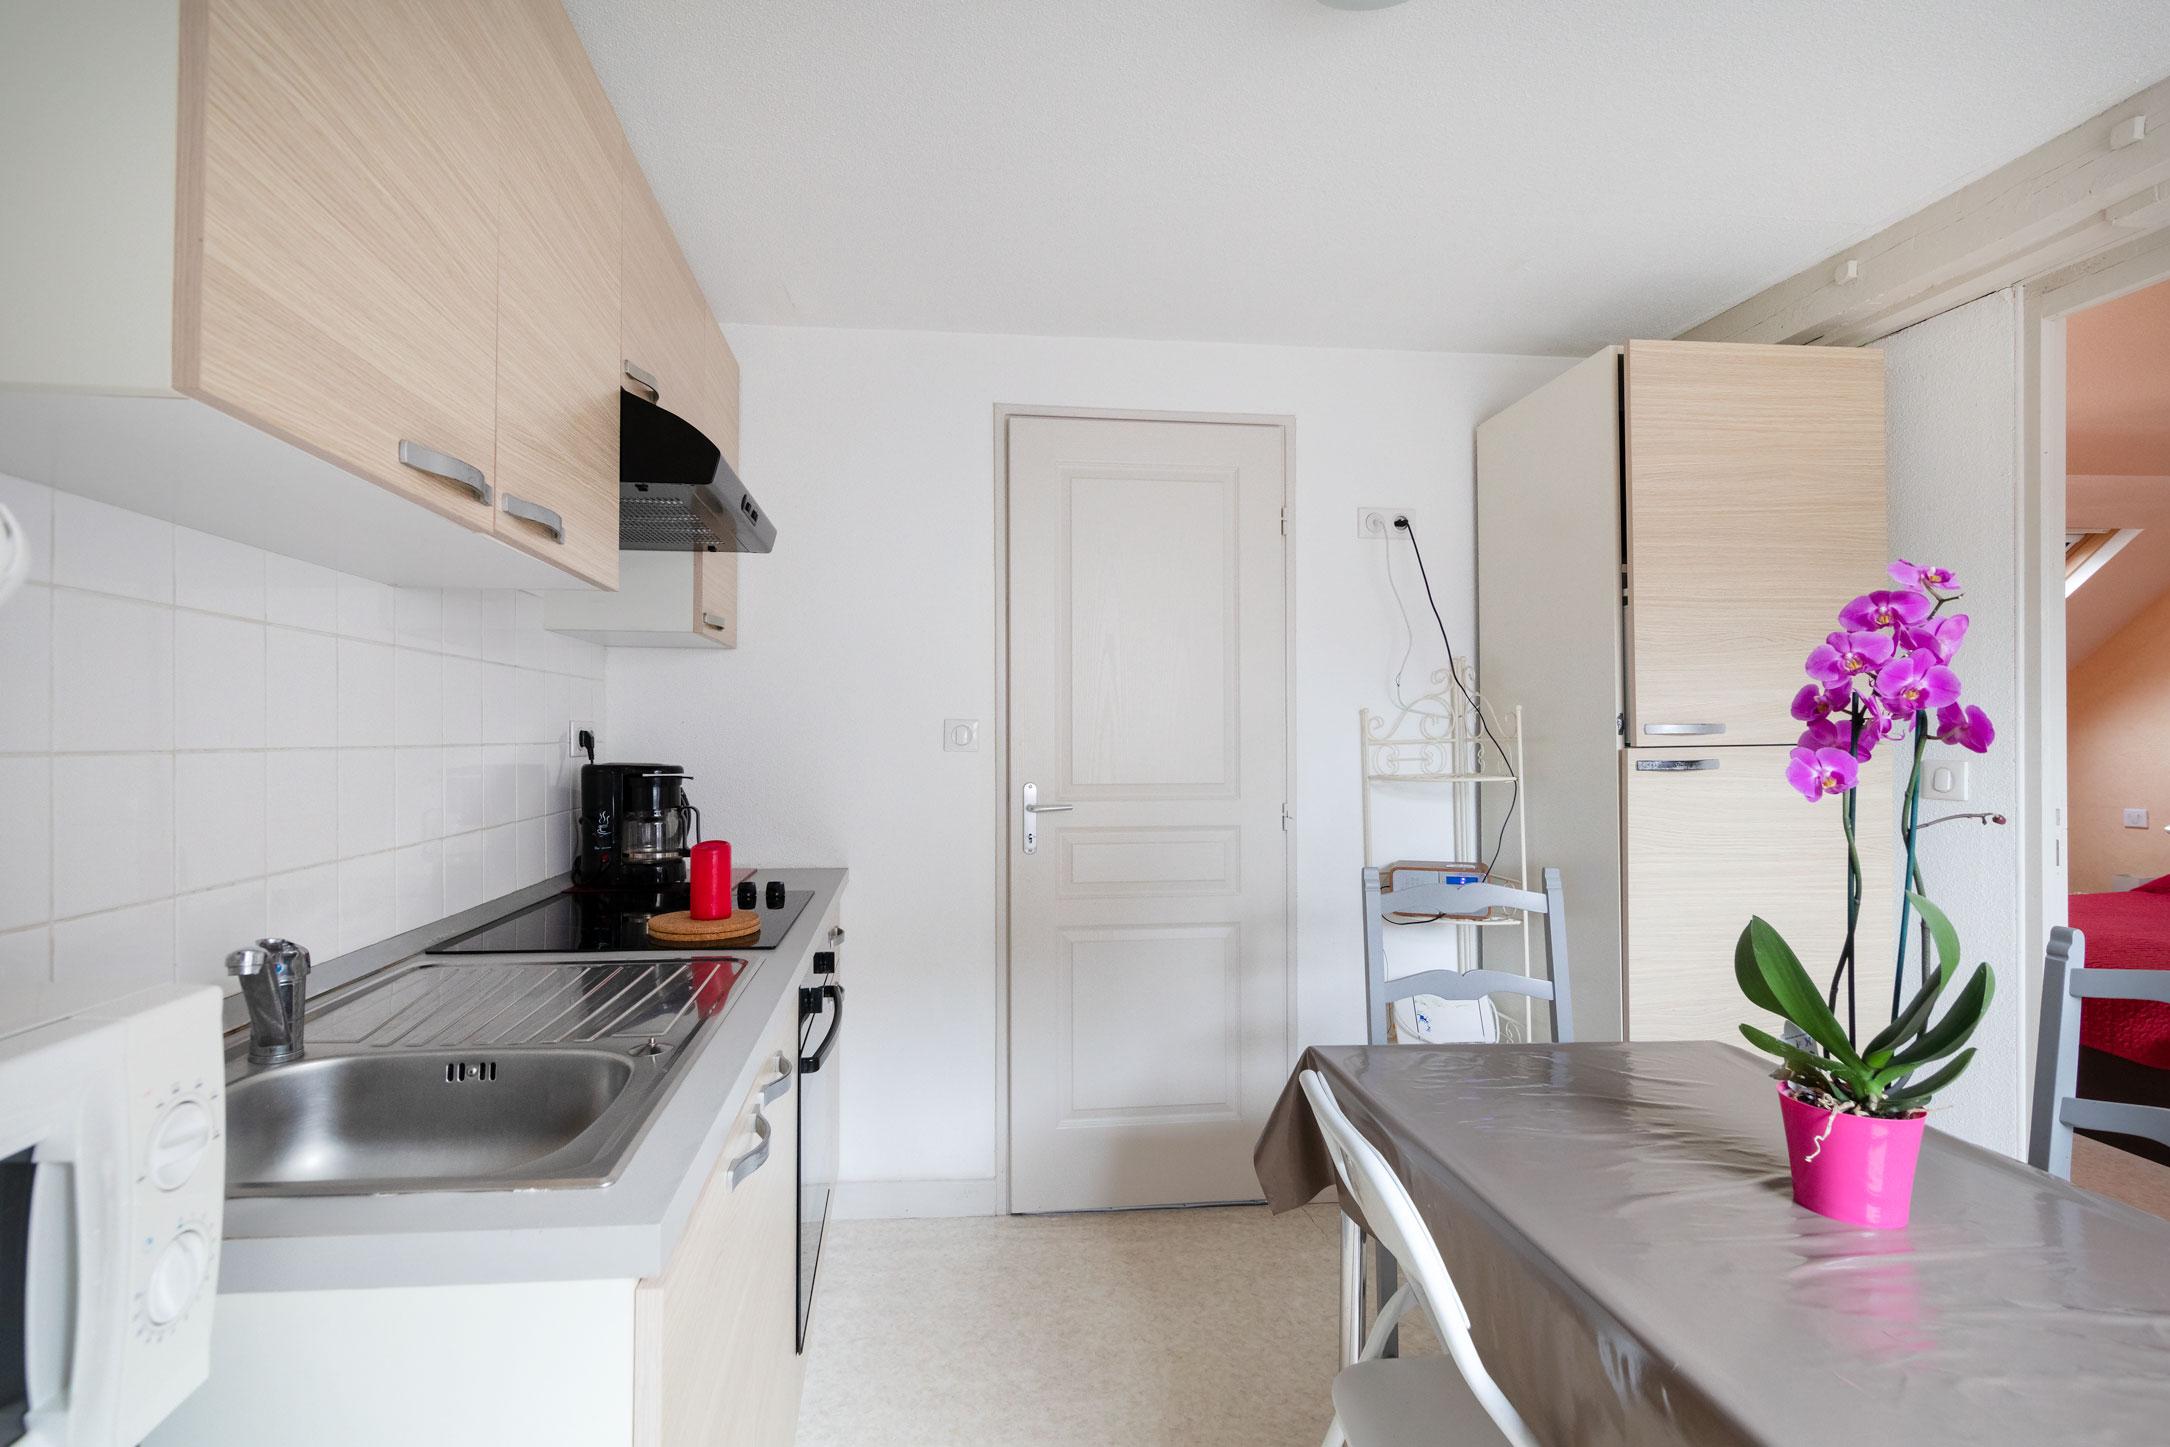 location appartements neris les bains les thermes (9)